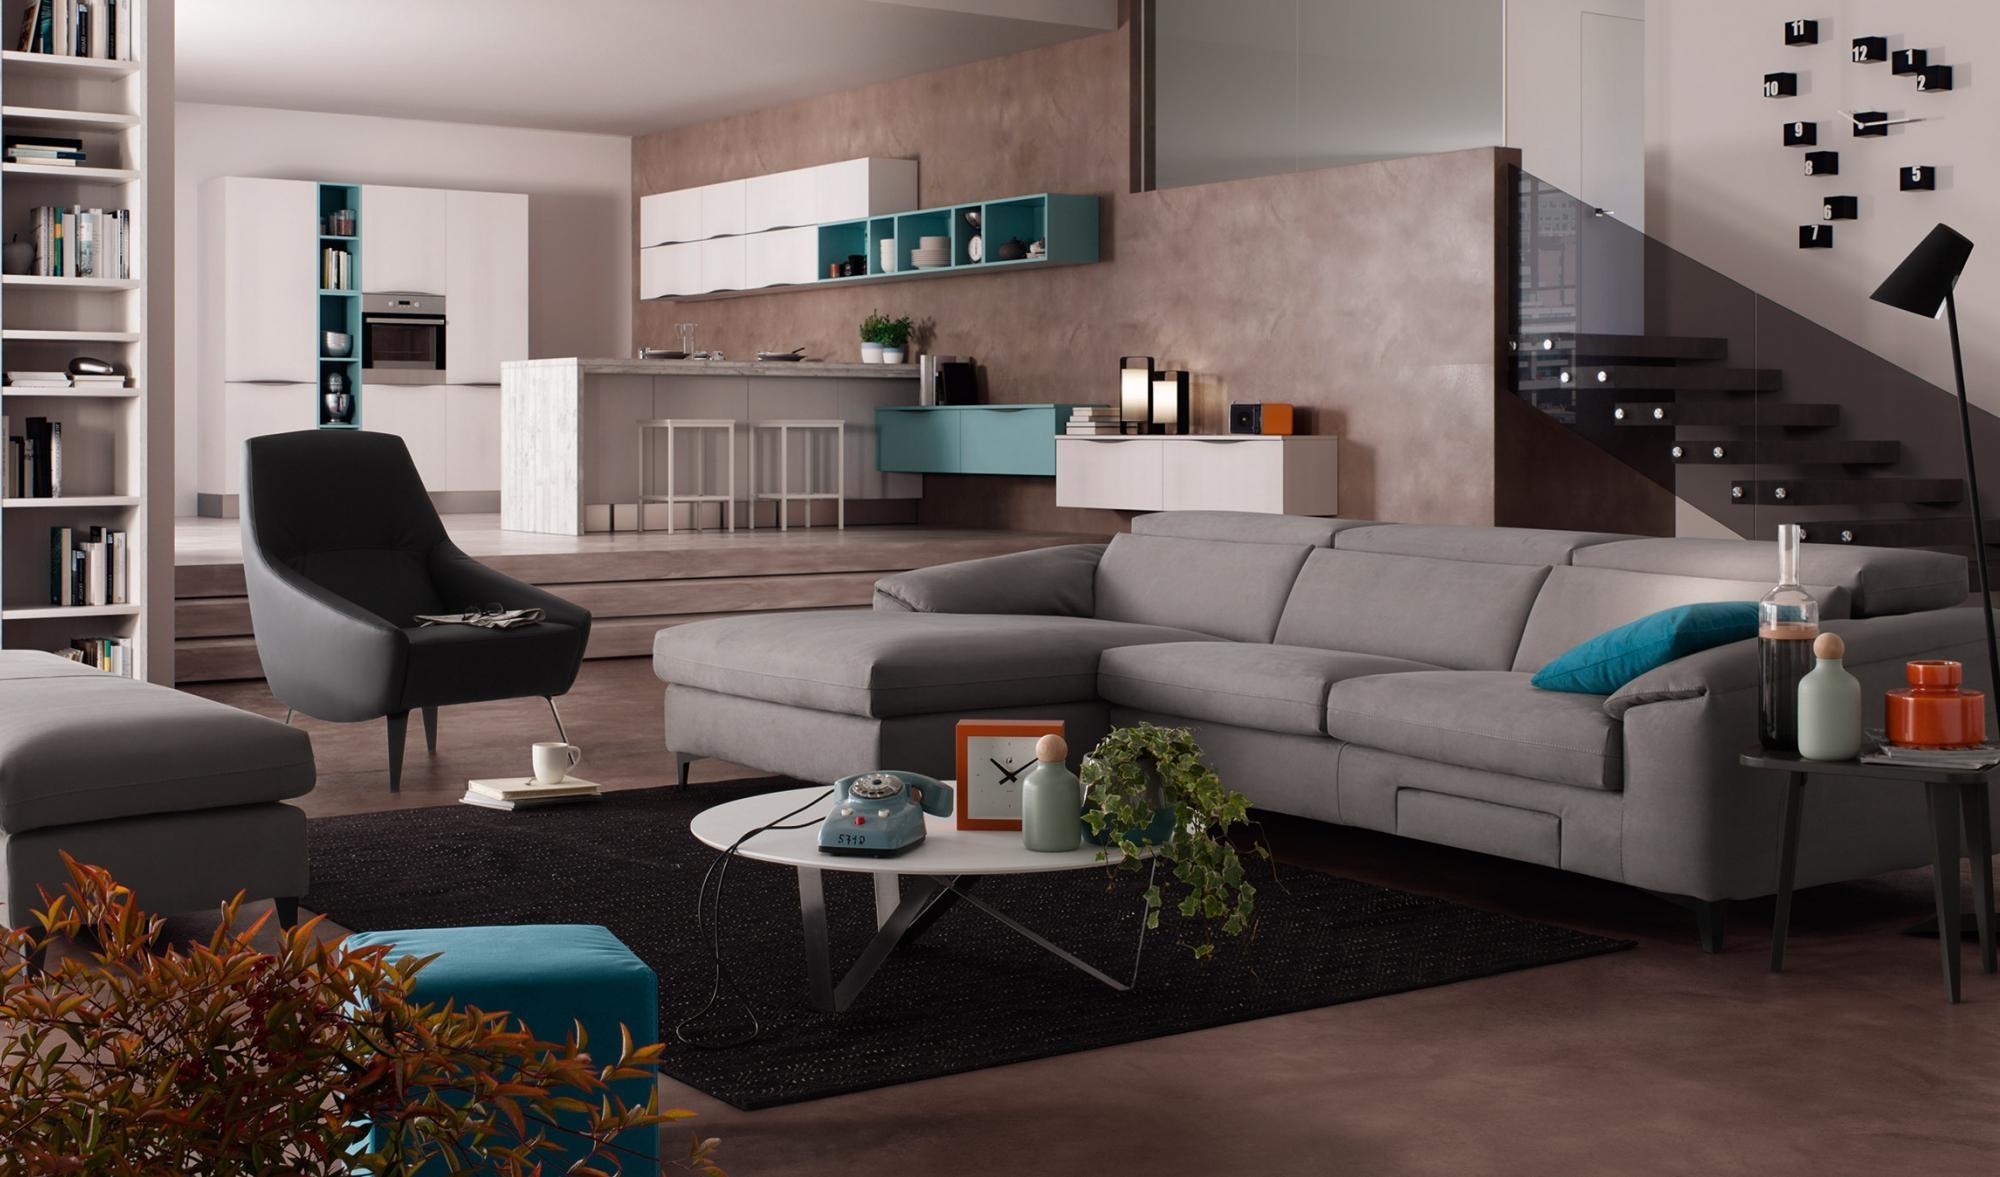 Divano colombini modello taylor divani a prezzi scontati for Colombini mobili